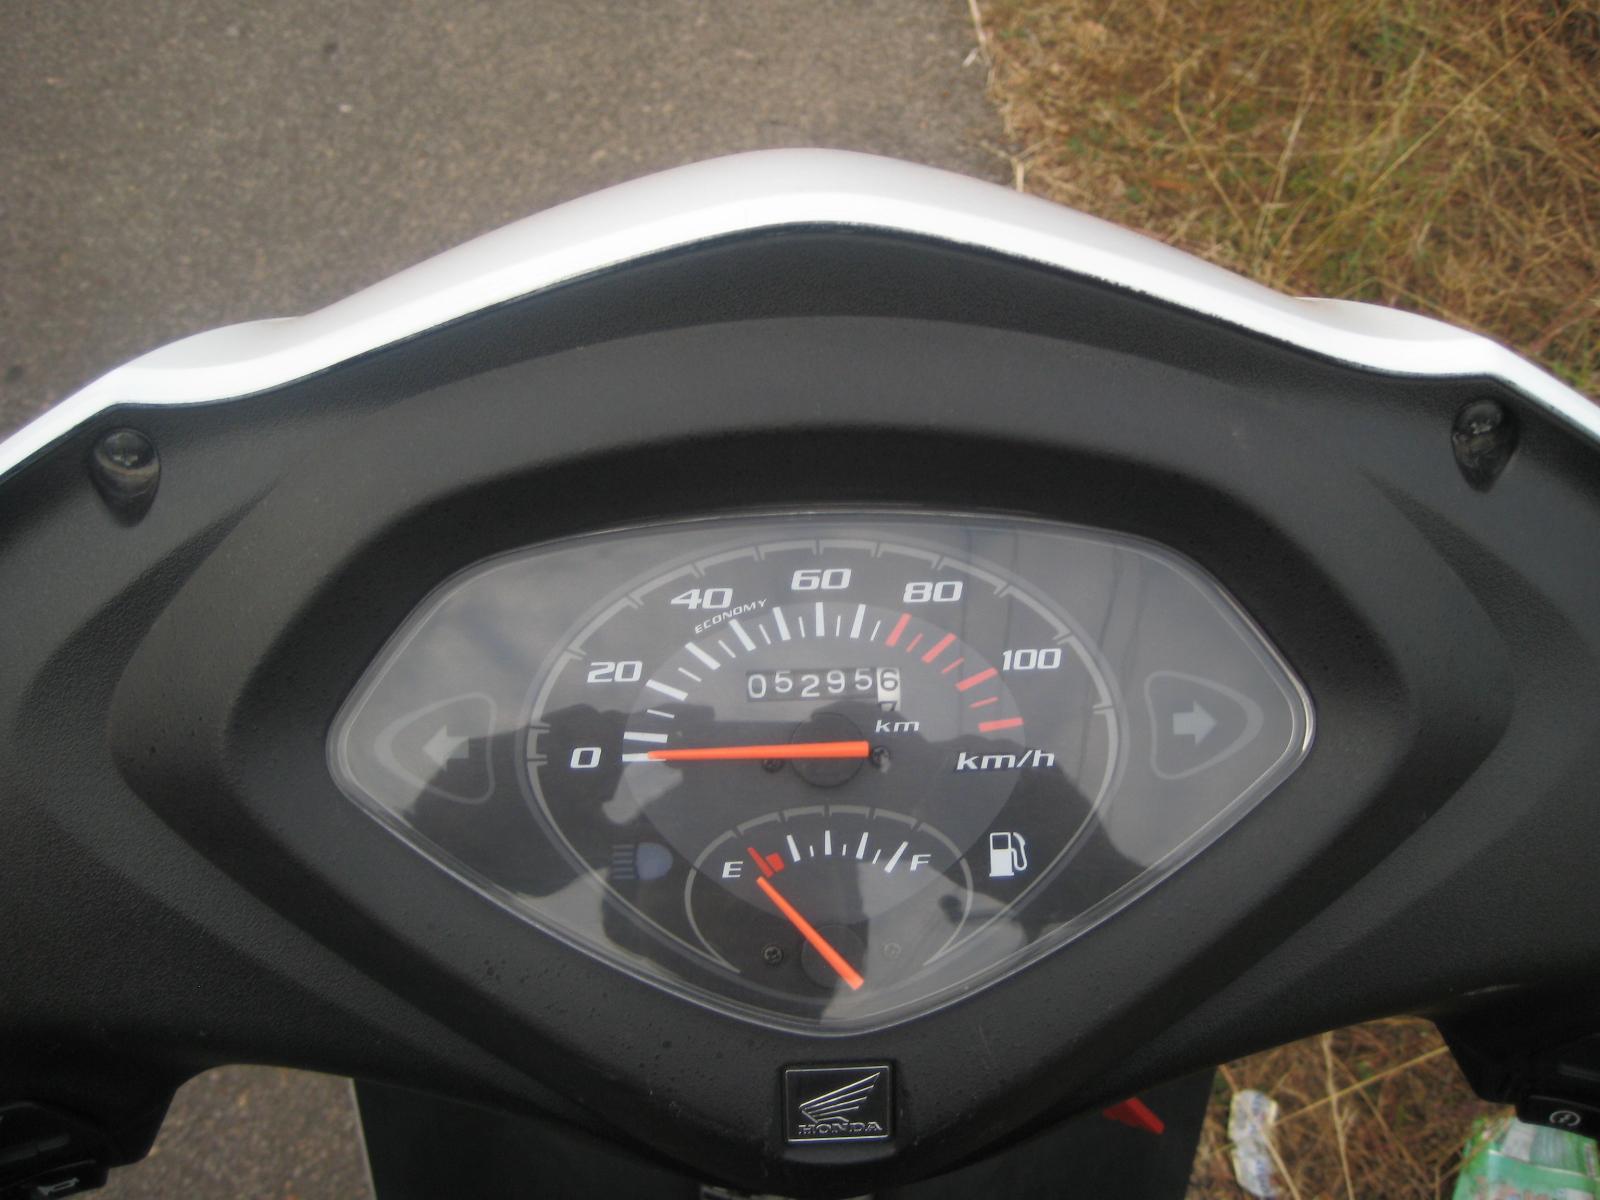 Suzuki access honda activa suzuki access